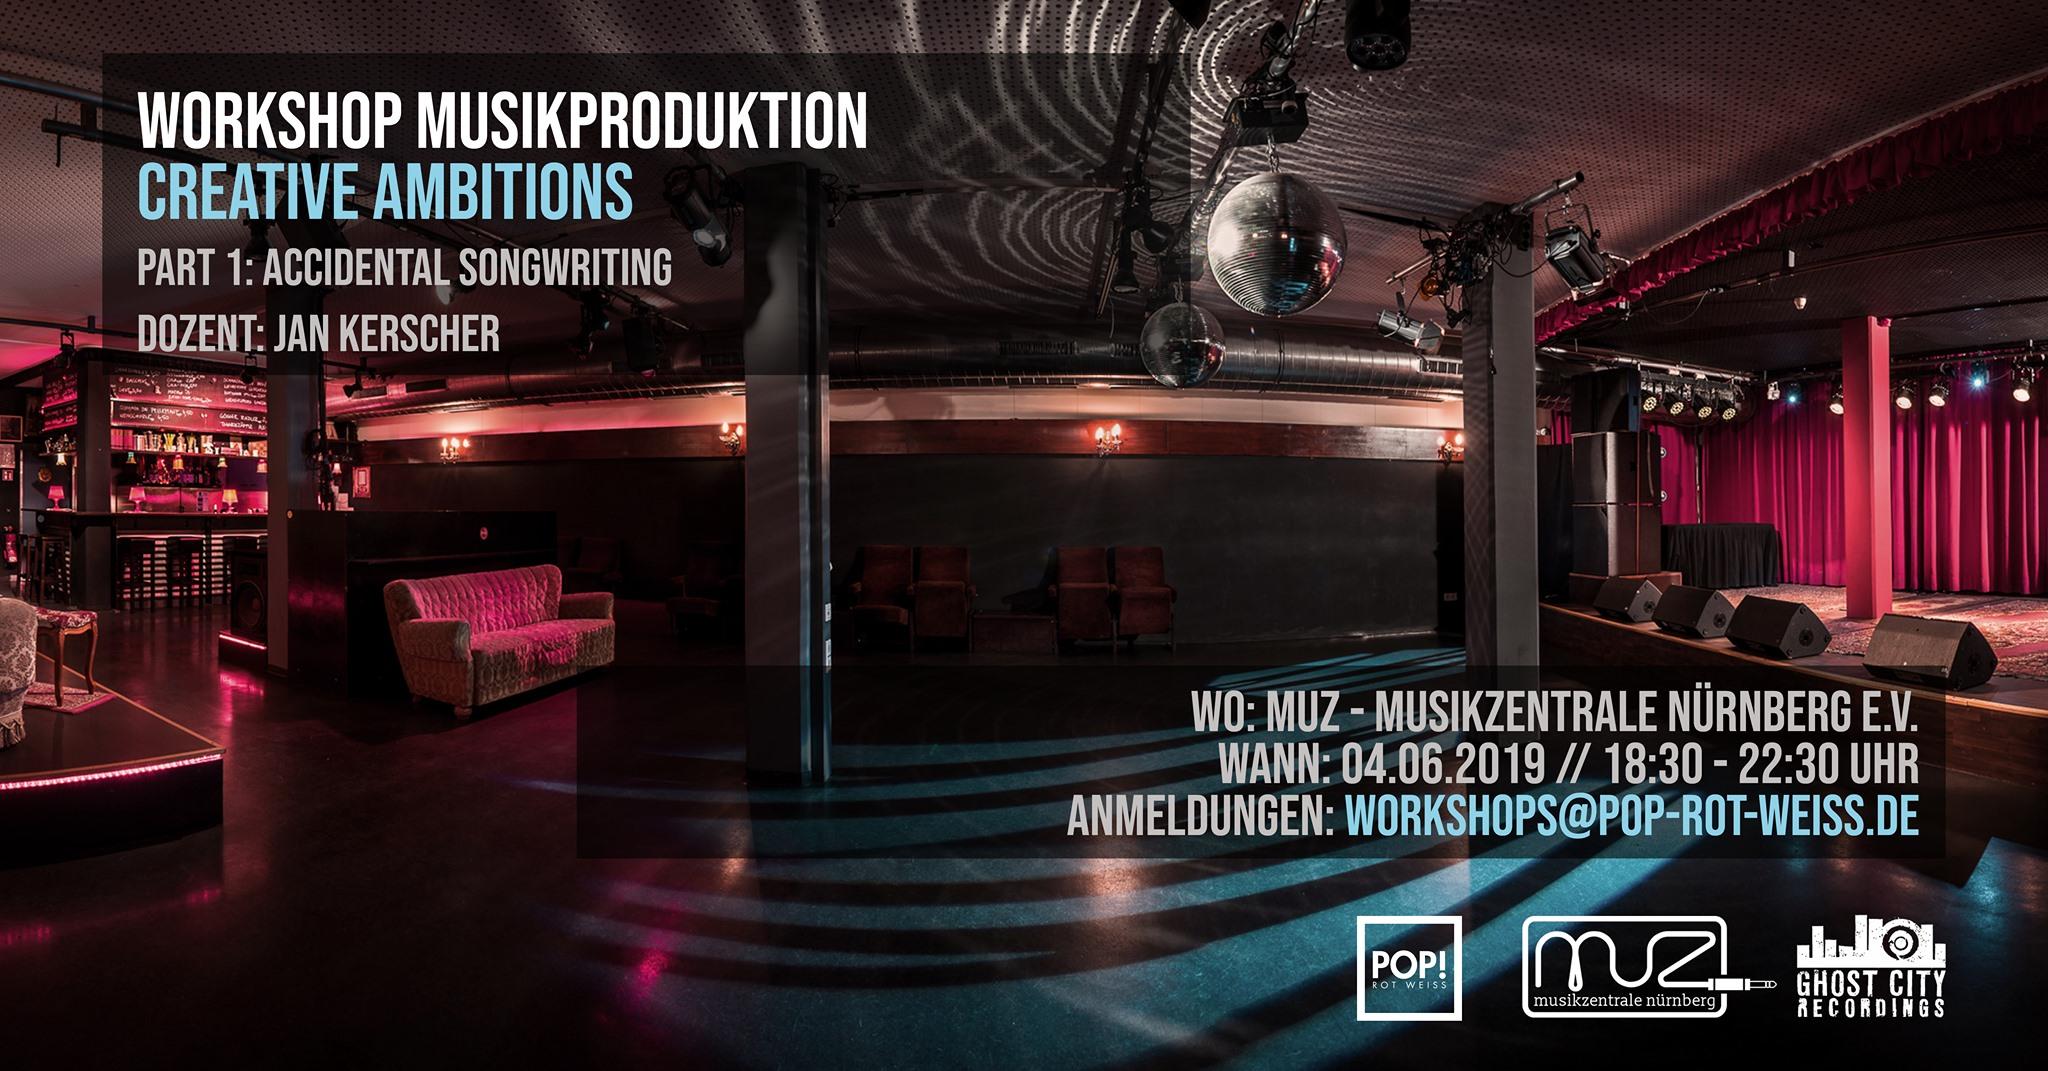 Veranstaltungsbild des Workshops Accidental Songwriting. Es zeigt das innere des MUZ-Clubs in Nürnberg und enthält Datumsangaben sowie Logos.